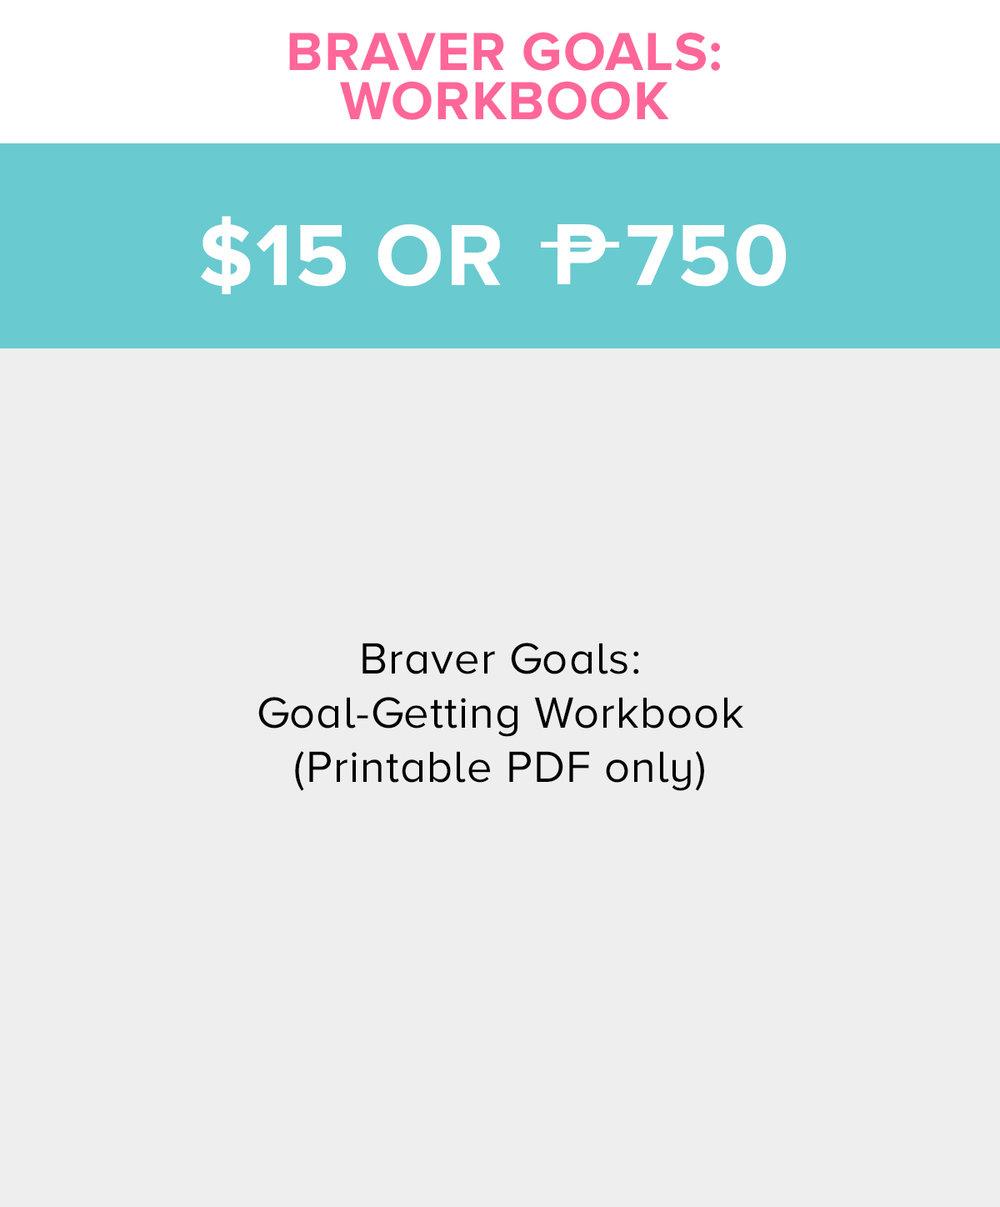 BG Workbook Reg.jpg